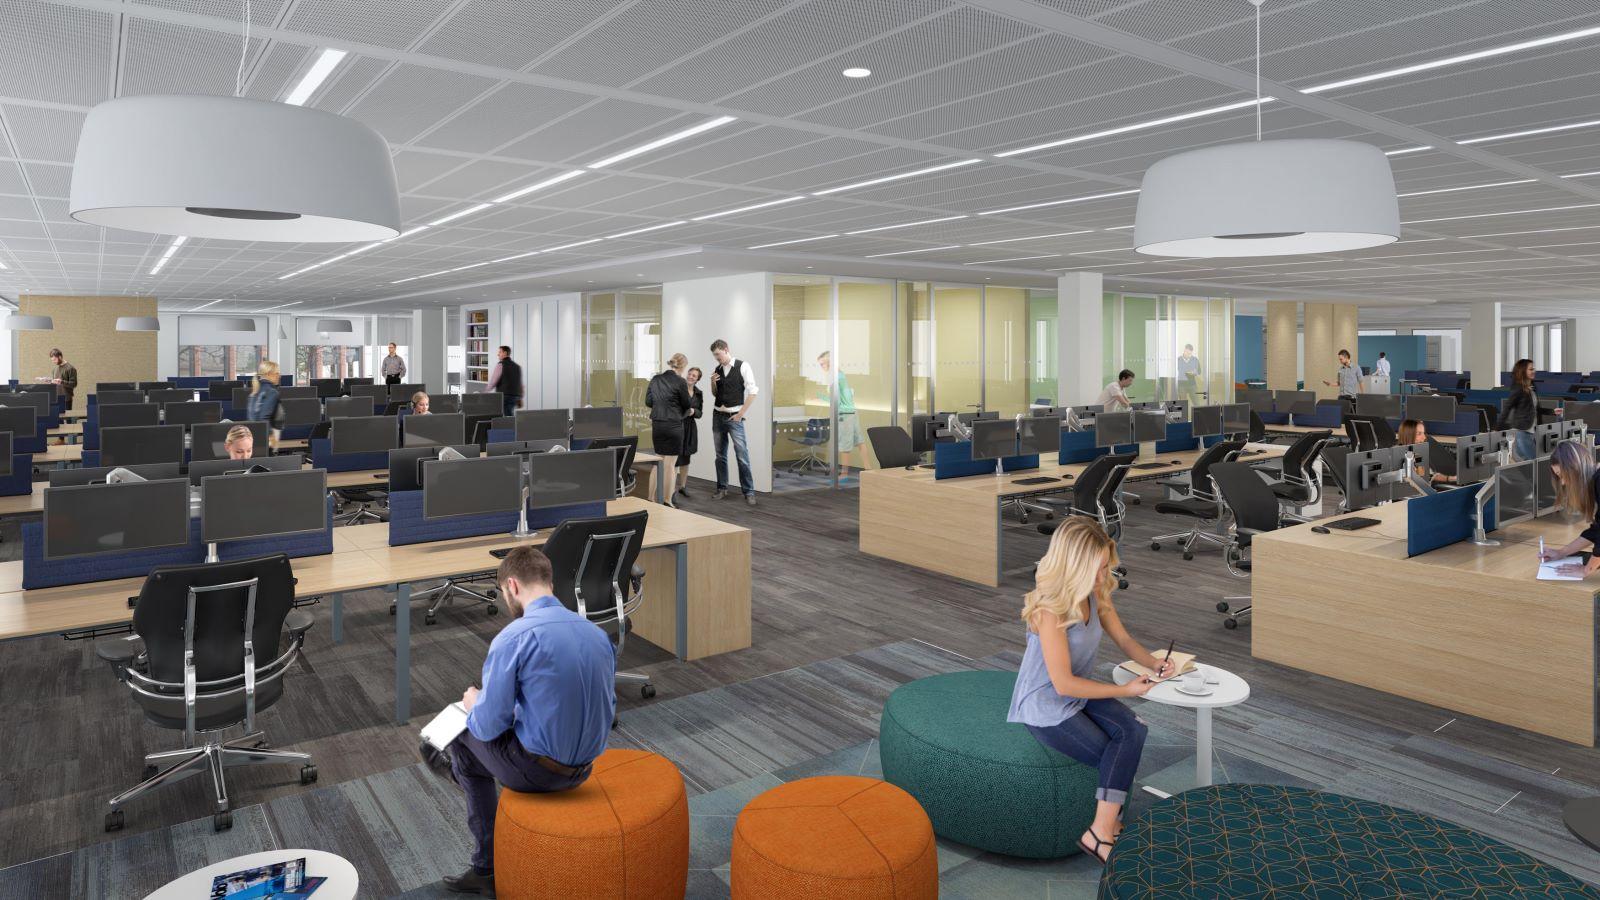 Fidelity Building Interior, Desk Area - Mace Group